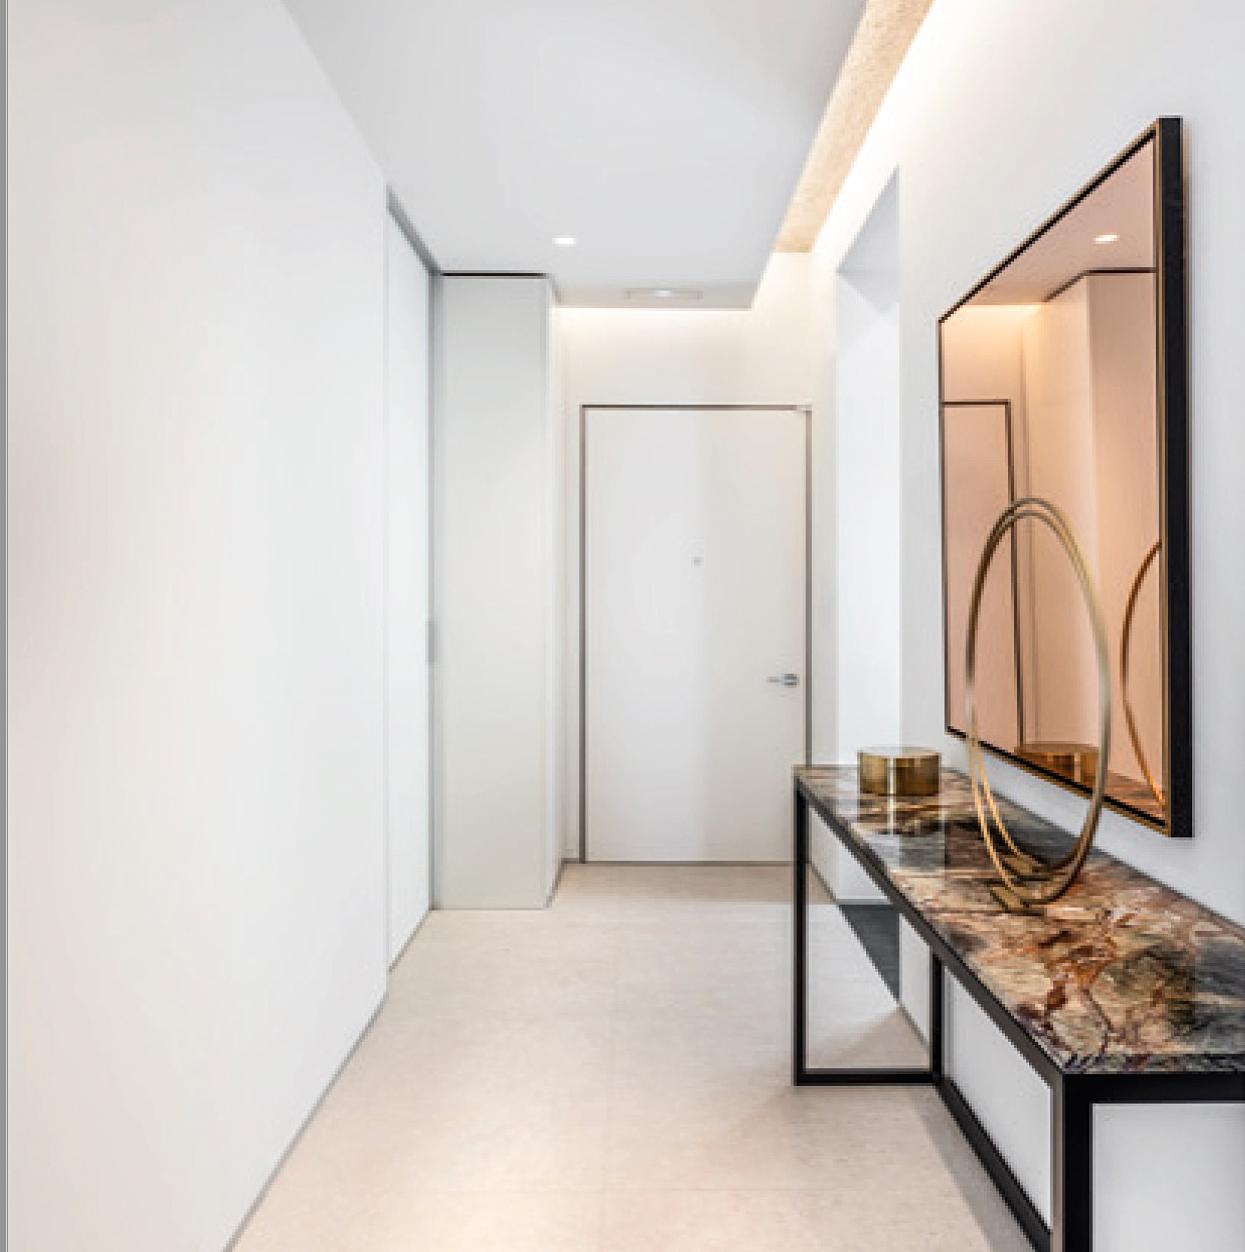 puerta replicada blindada vista interior